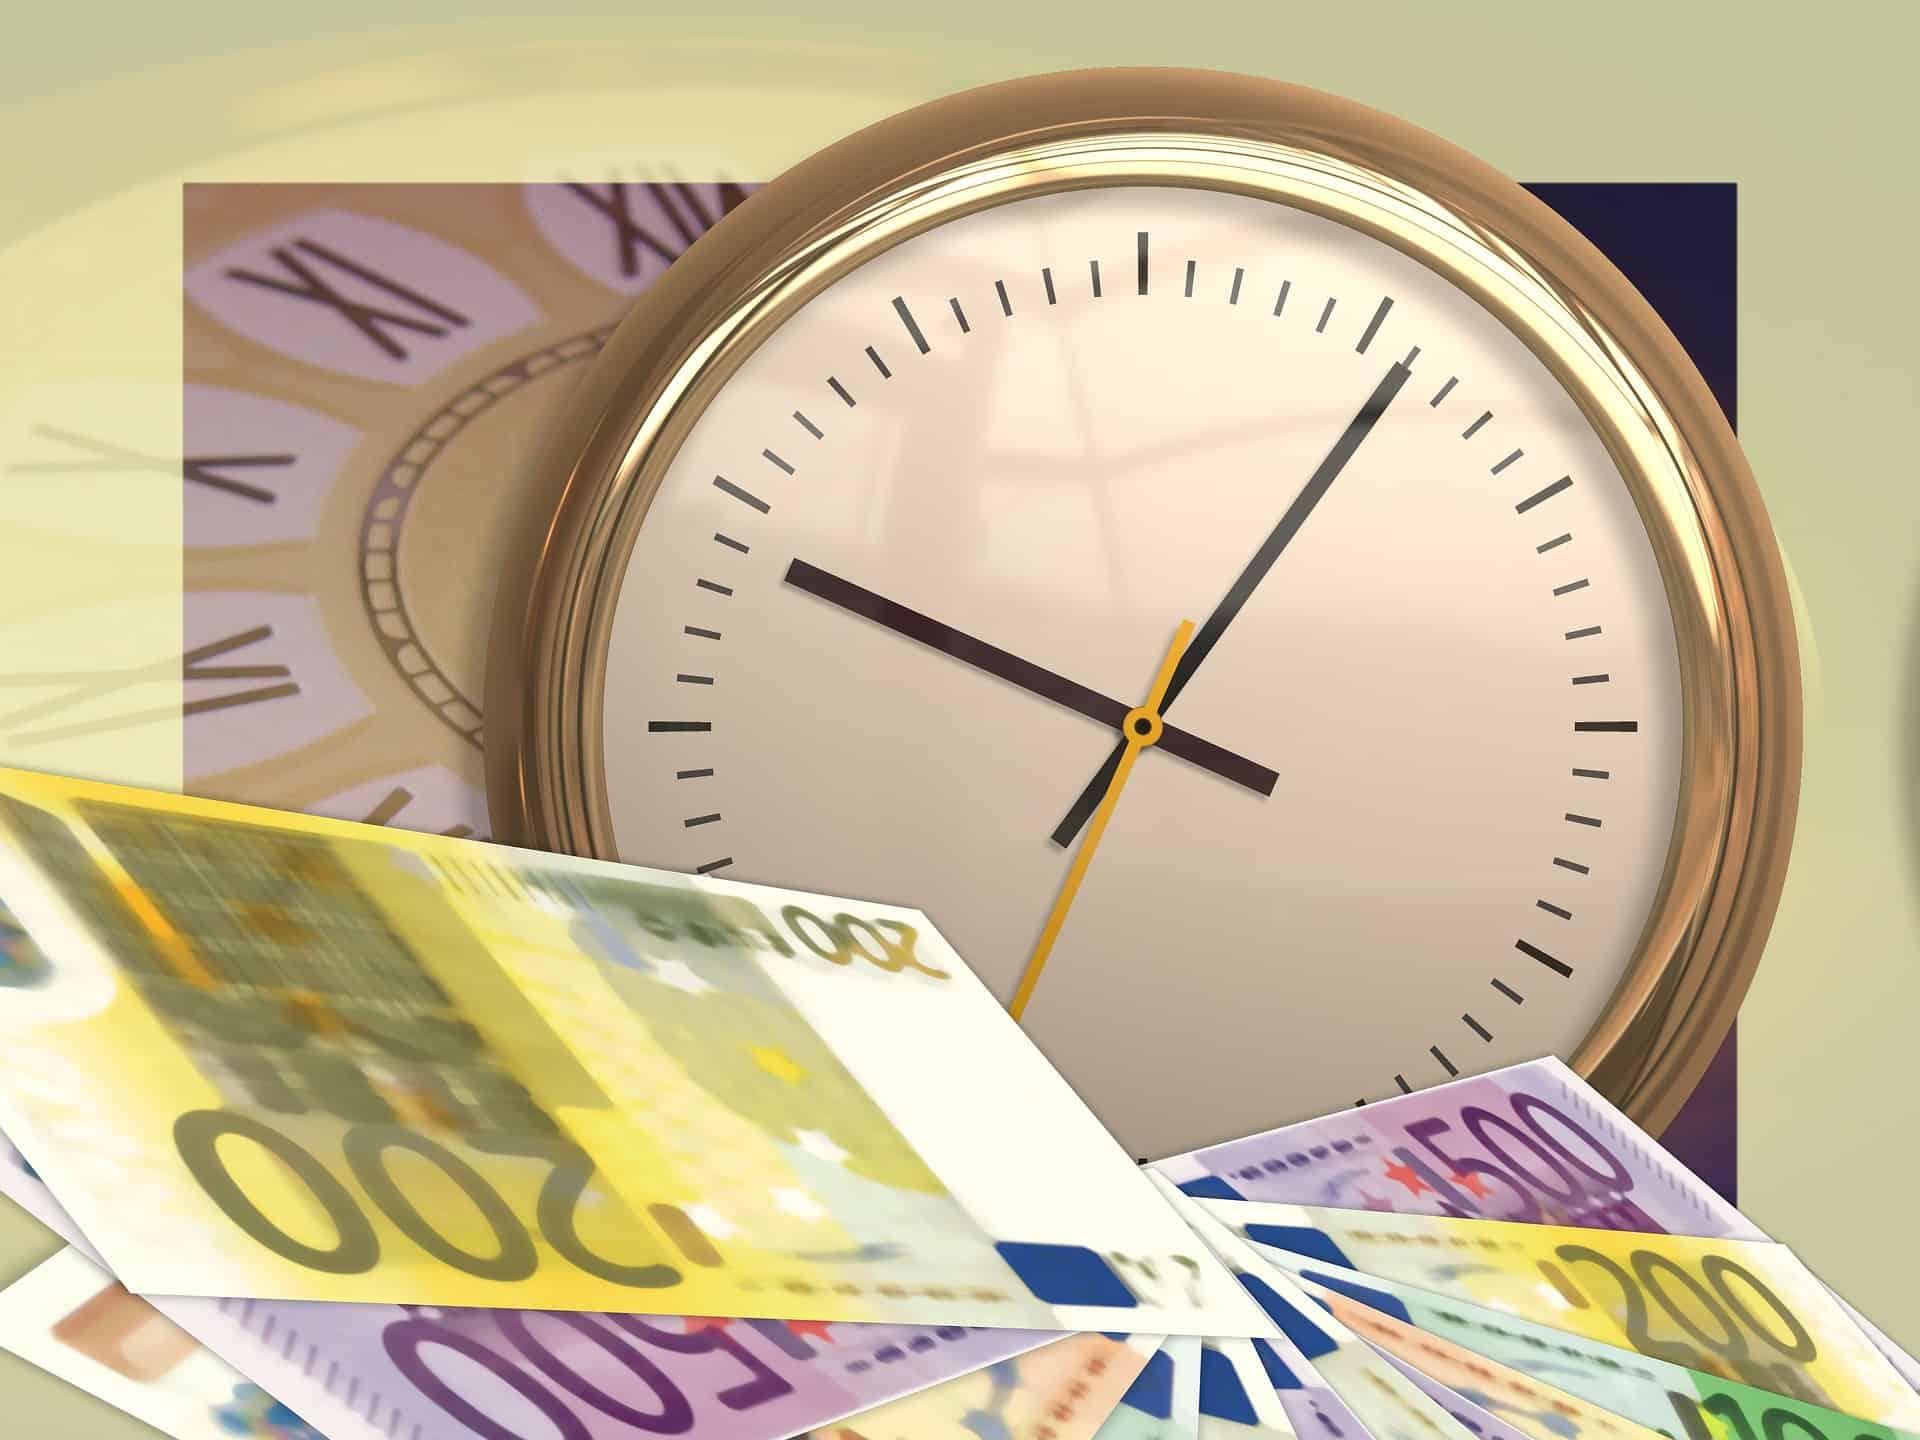 hacer dinero rapido